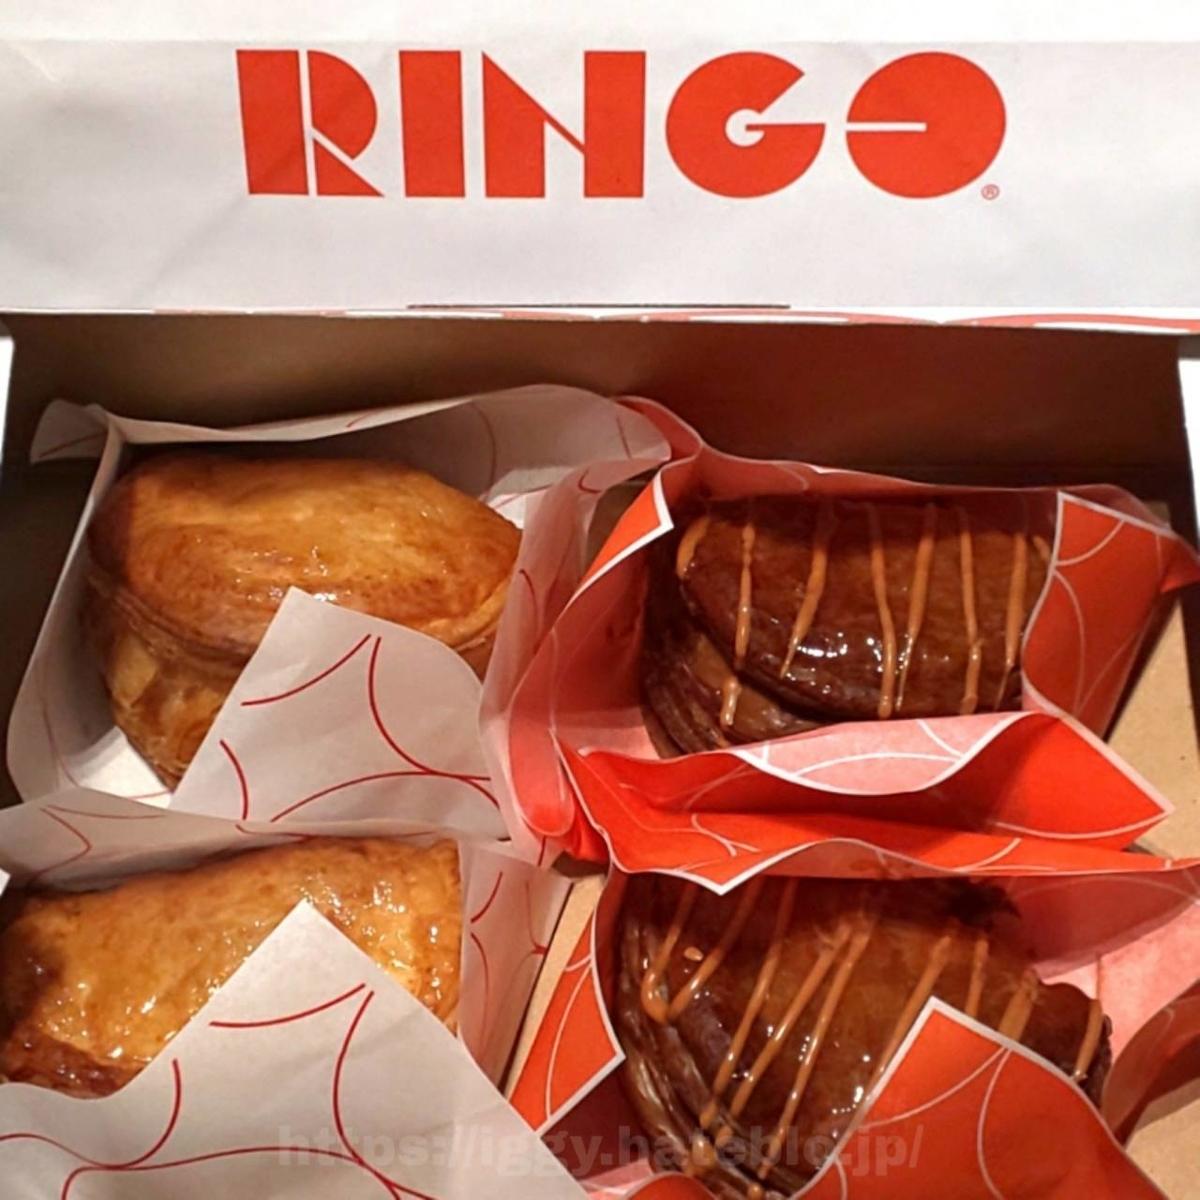 RINGO アップルパイ4個 iggy2019